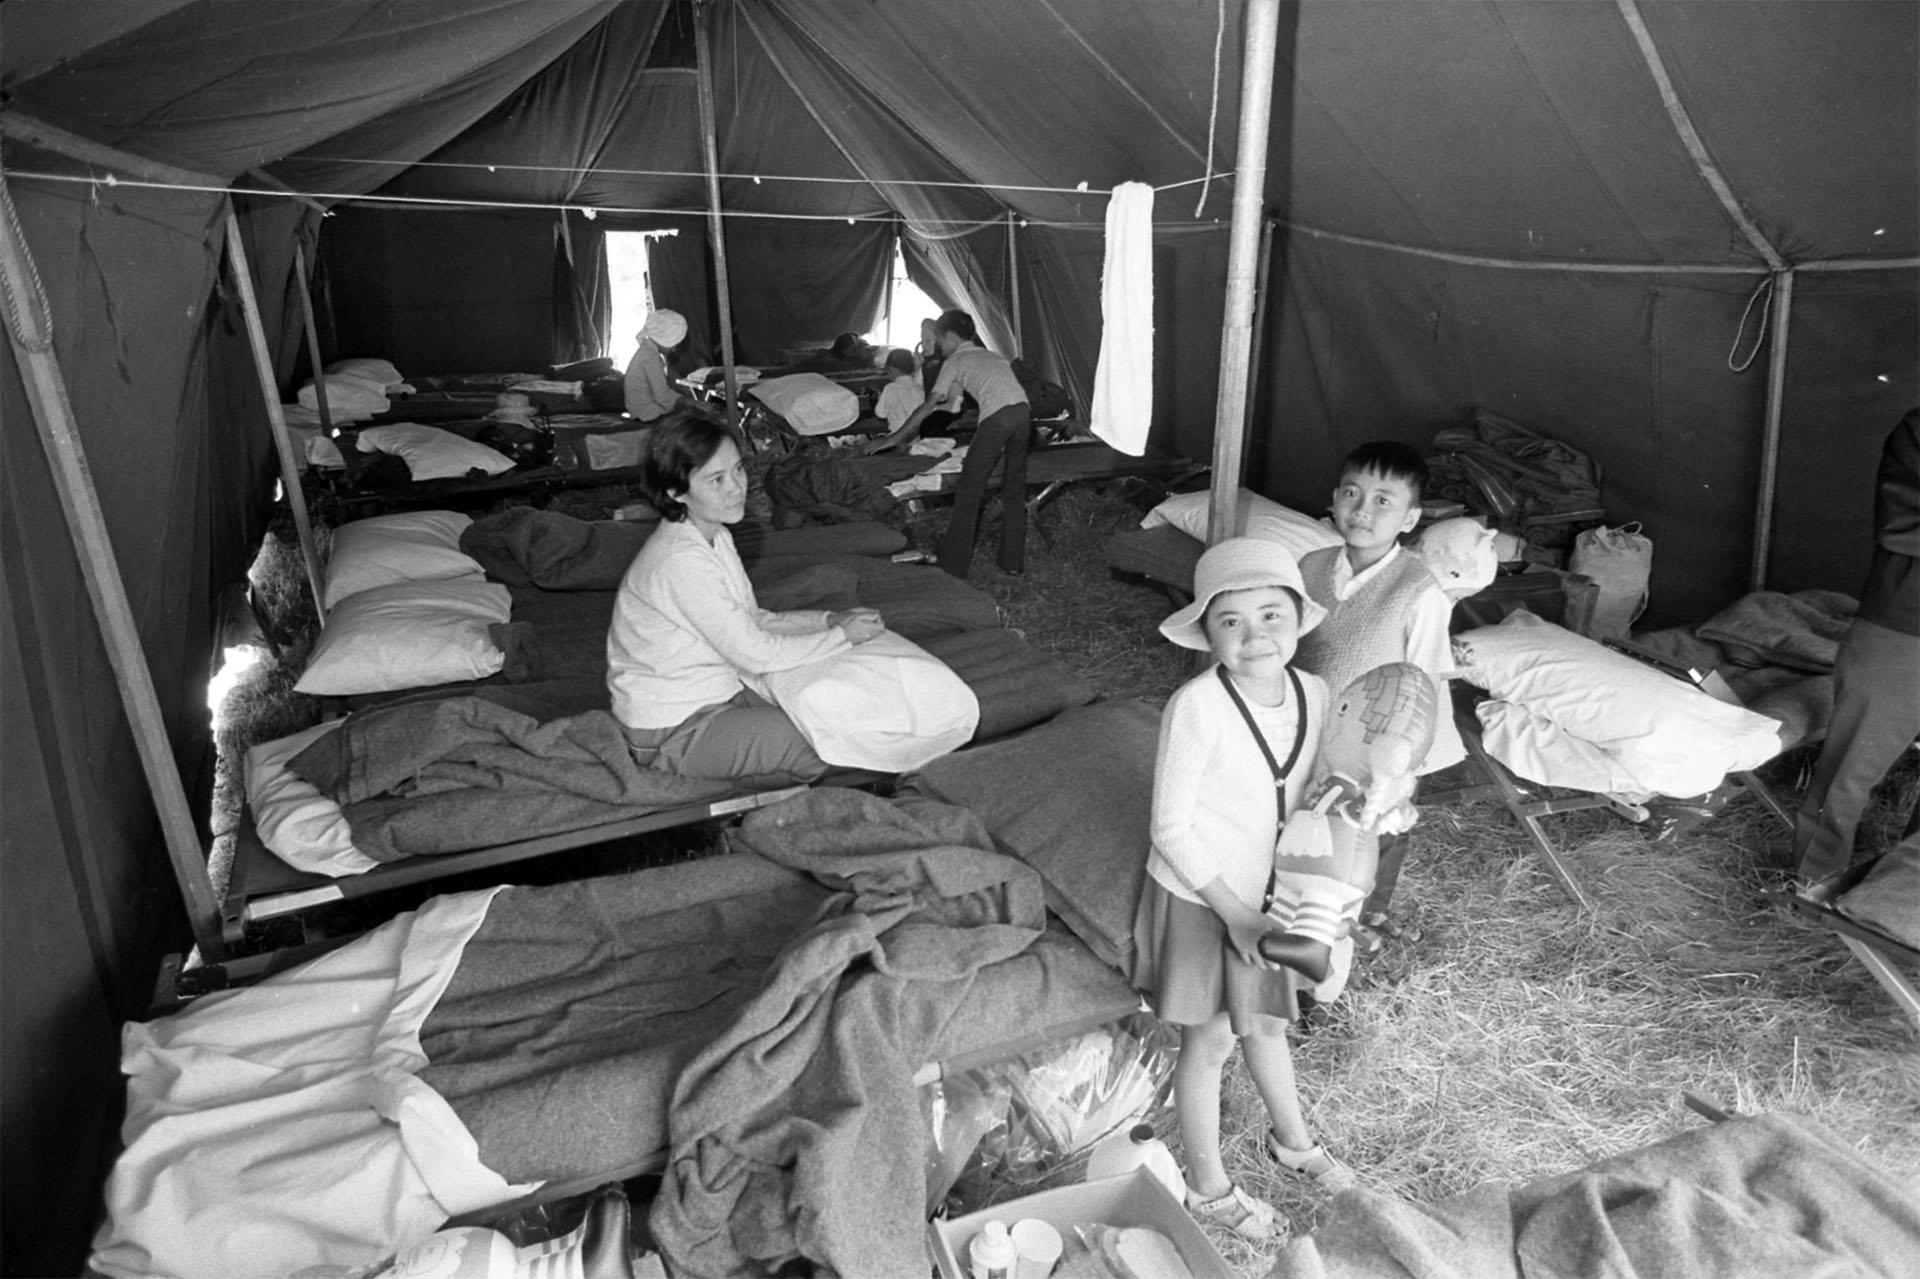 Vietnamese refugees at Camp Pendleton, 1975